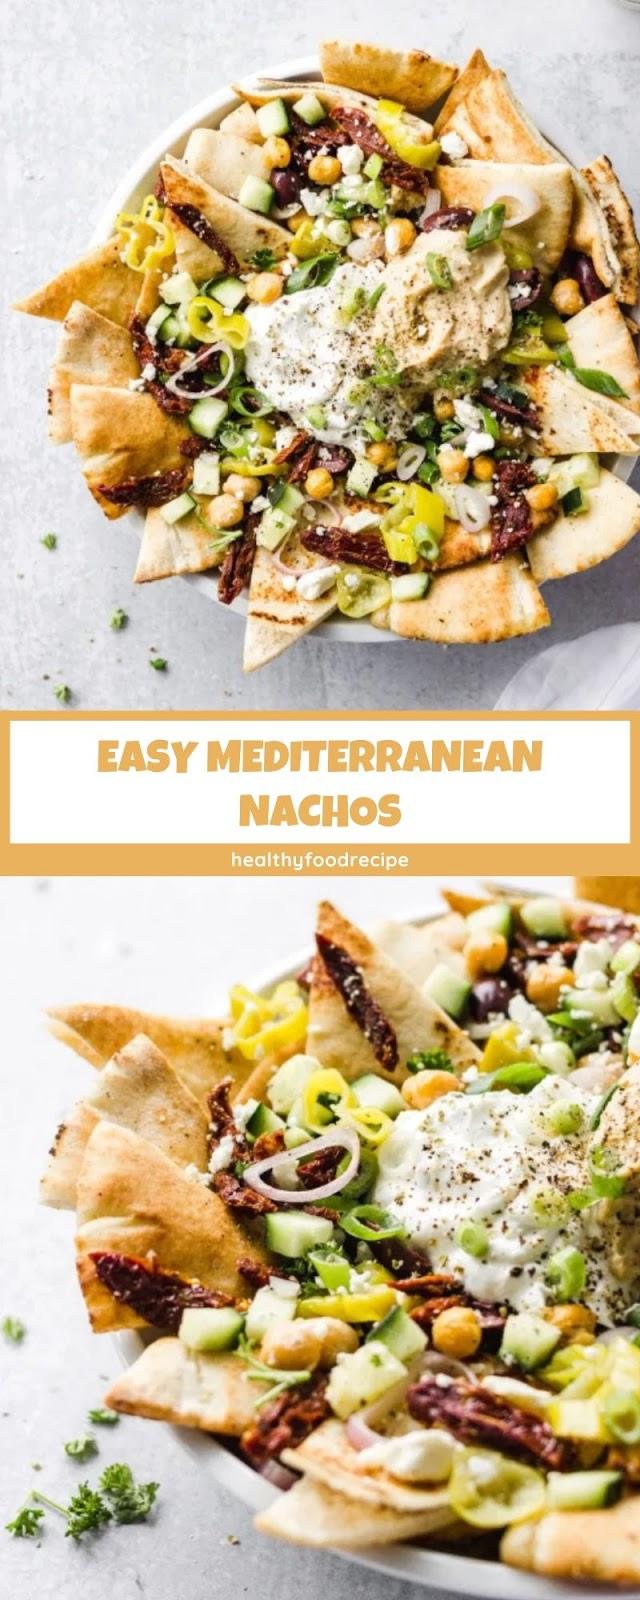 EASY MEDITERRANEAN NACHOS